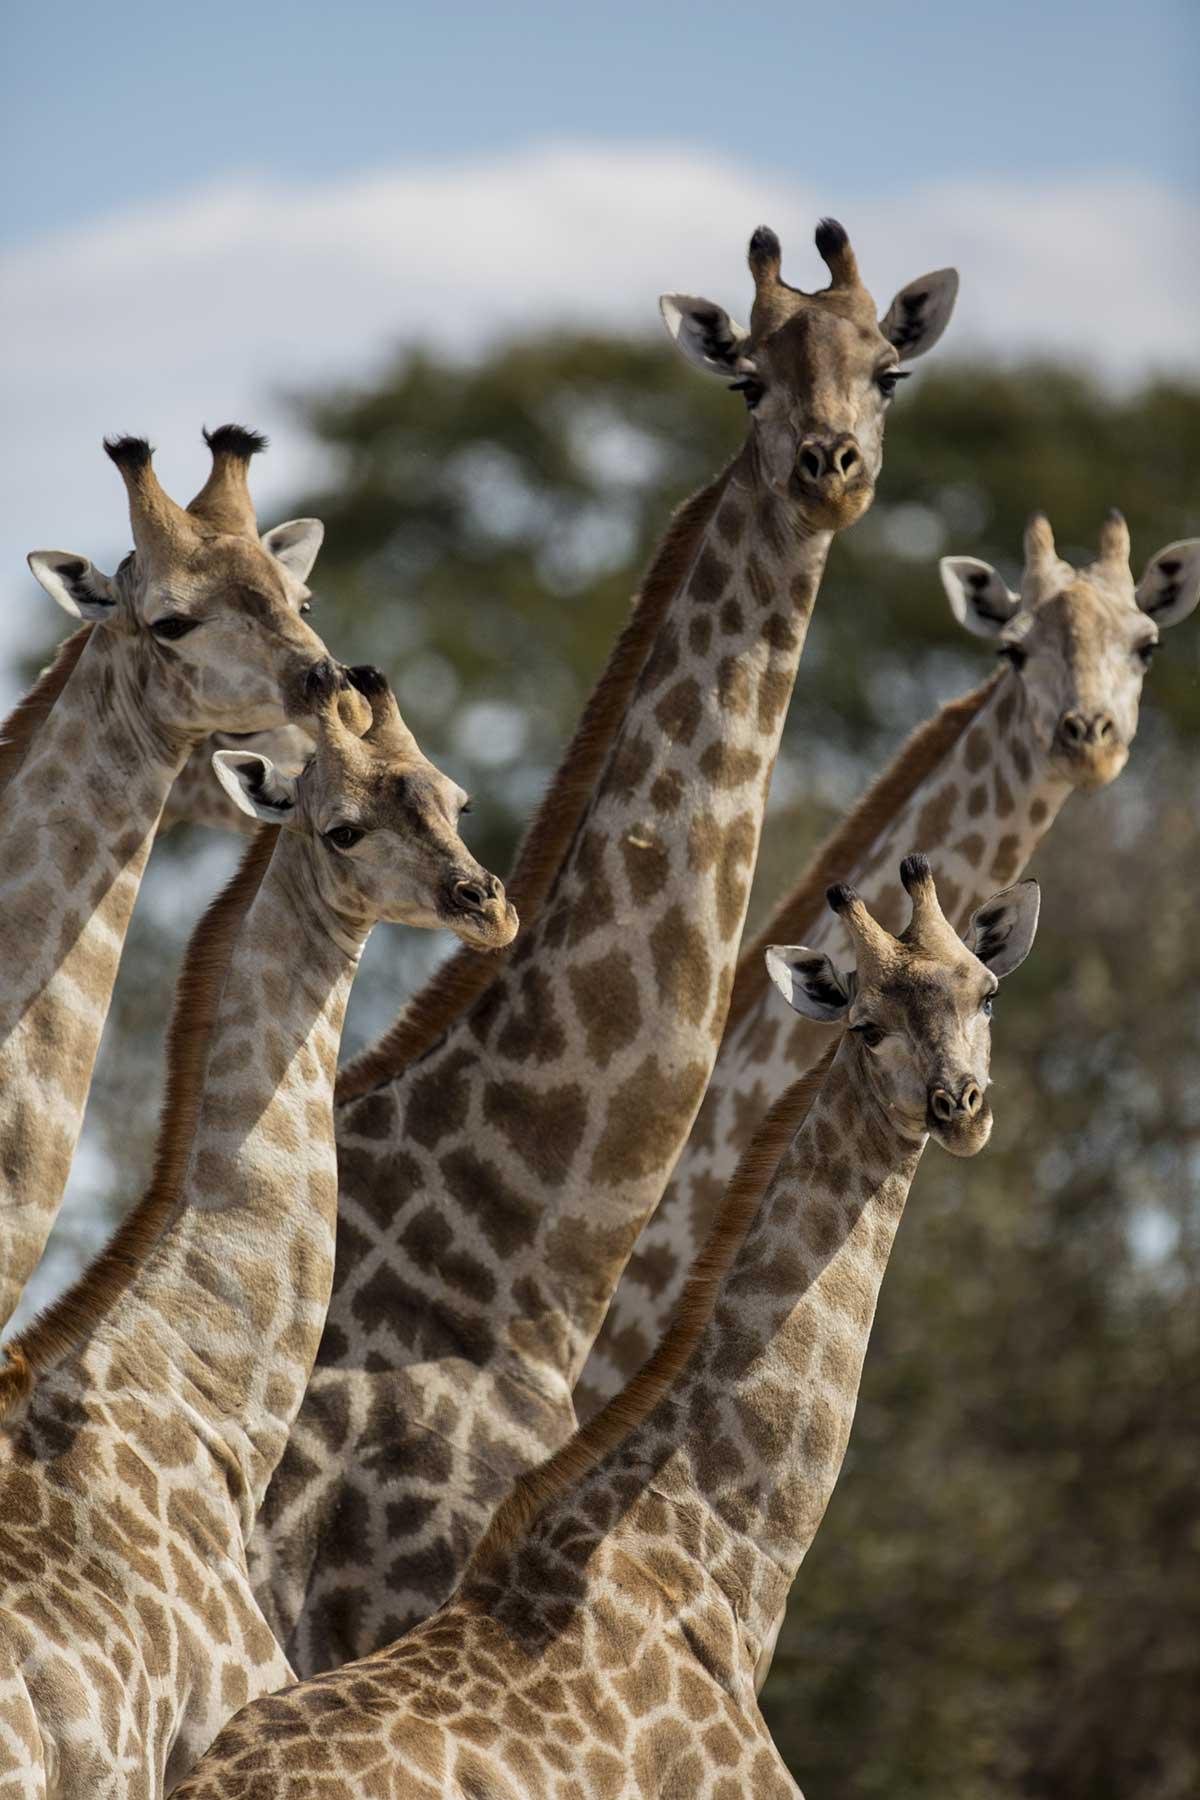 Giraffe family gamedrive Chase Africa Safaris